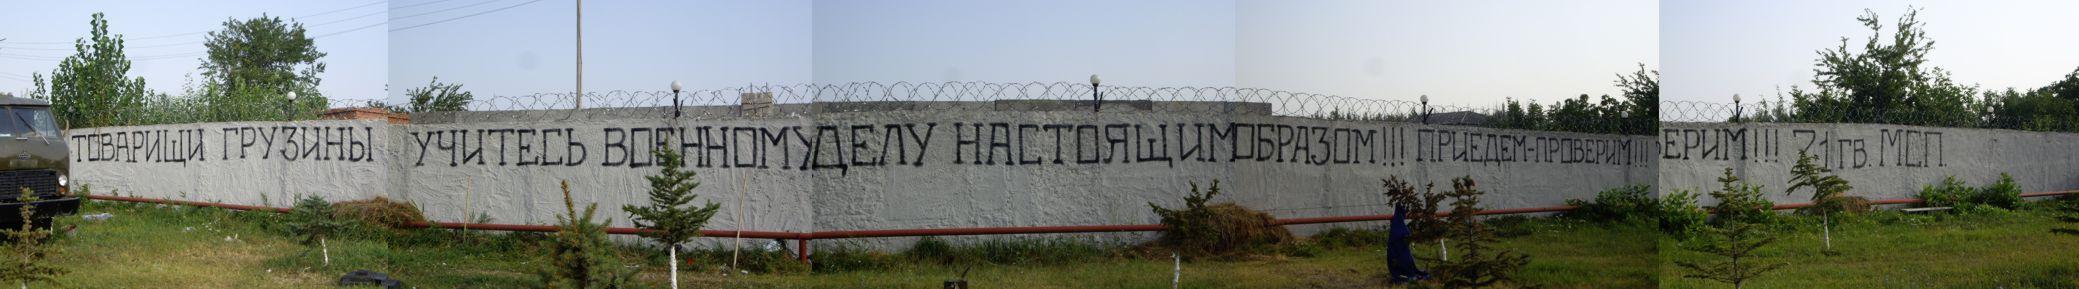 http://www.ljplus.ru/img4/s/w/swekl/Obratshenie.jpg